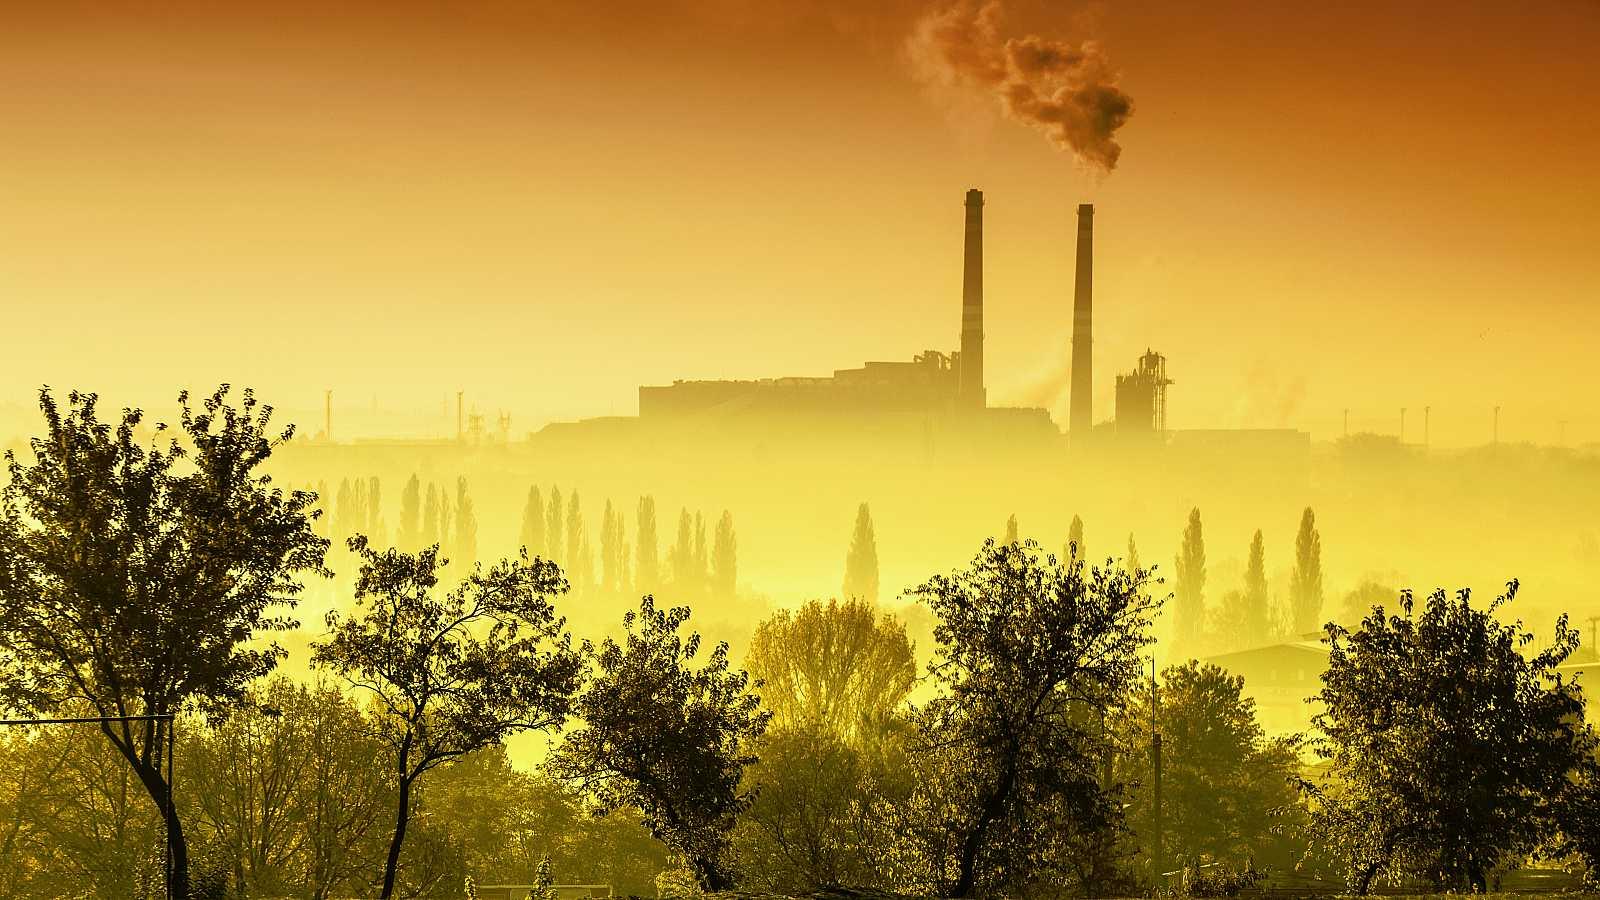 La concentración de gases de efecto invernadero en la atmósfera alcanzó un nuevo récord en 2018, aumentando más rápido que el promedio de la última década y agravando los patrones climáticos perjudiciales, según ha informado la Organización Meteoroló